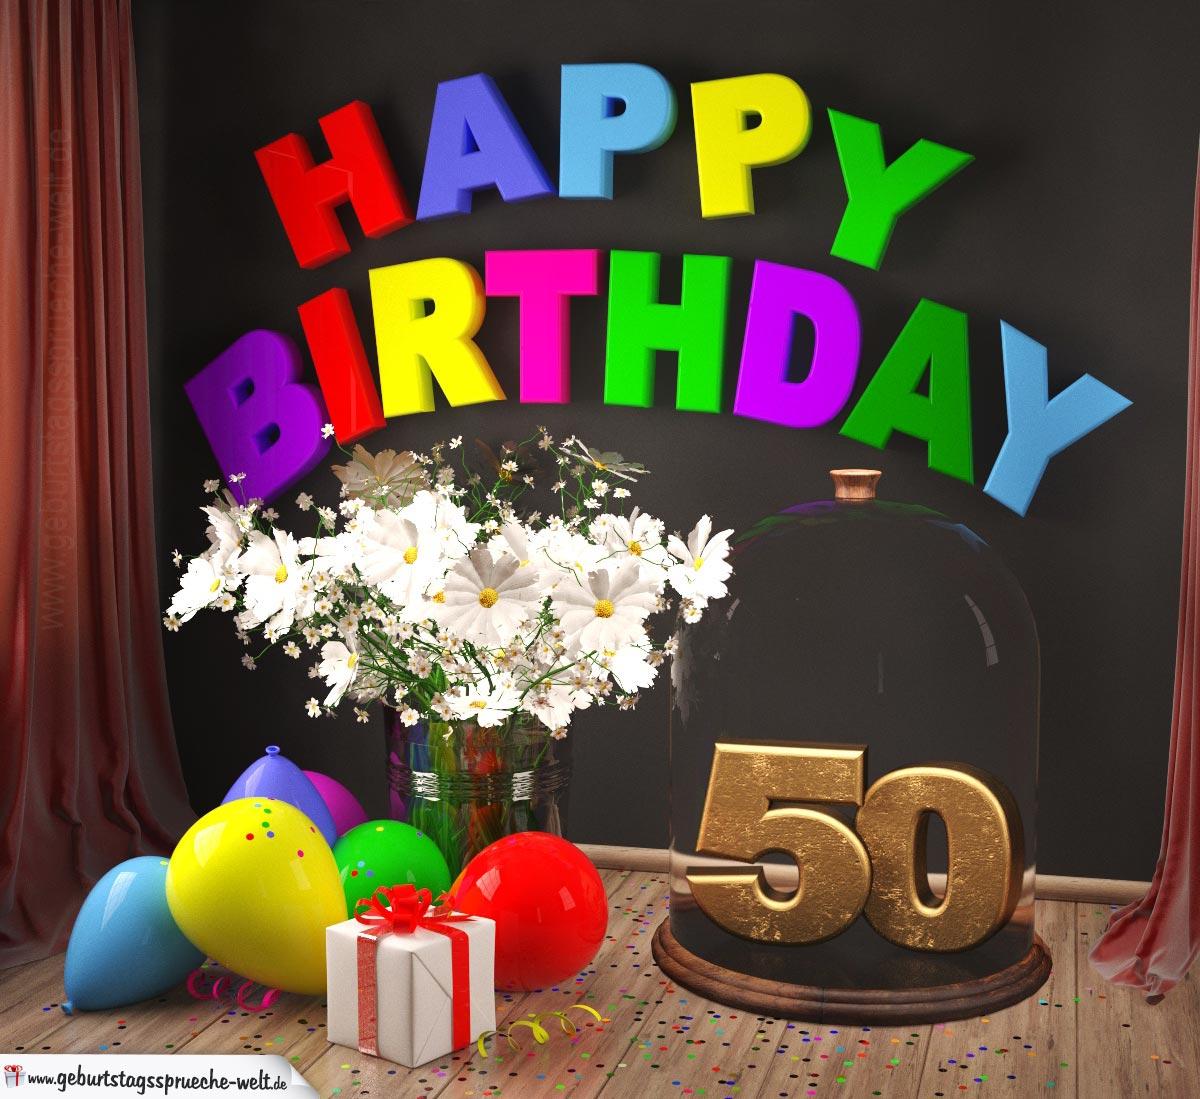 Happy Birthday 50 Jahre Gluckwunschkarte Mit Margeriten Blumenstrauss